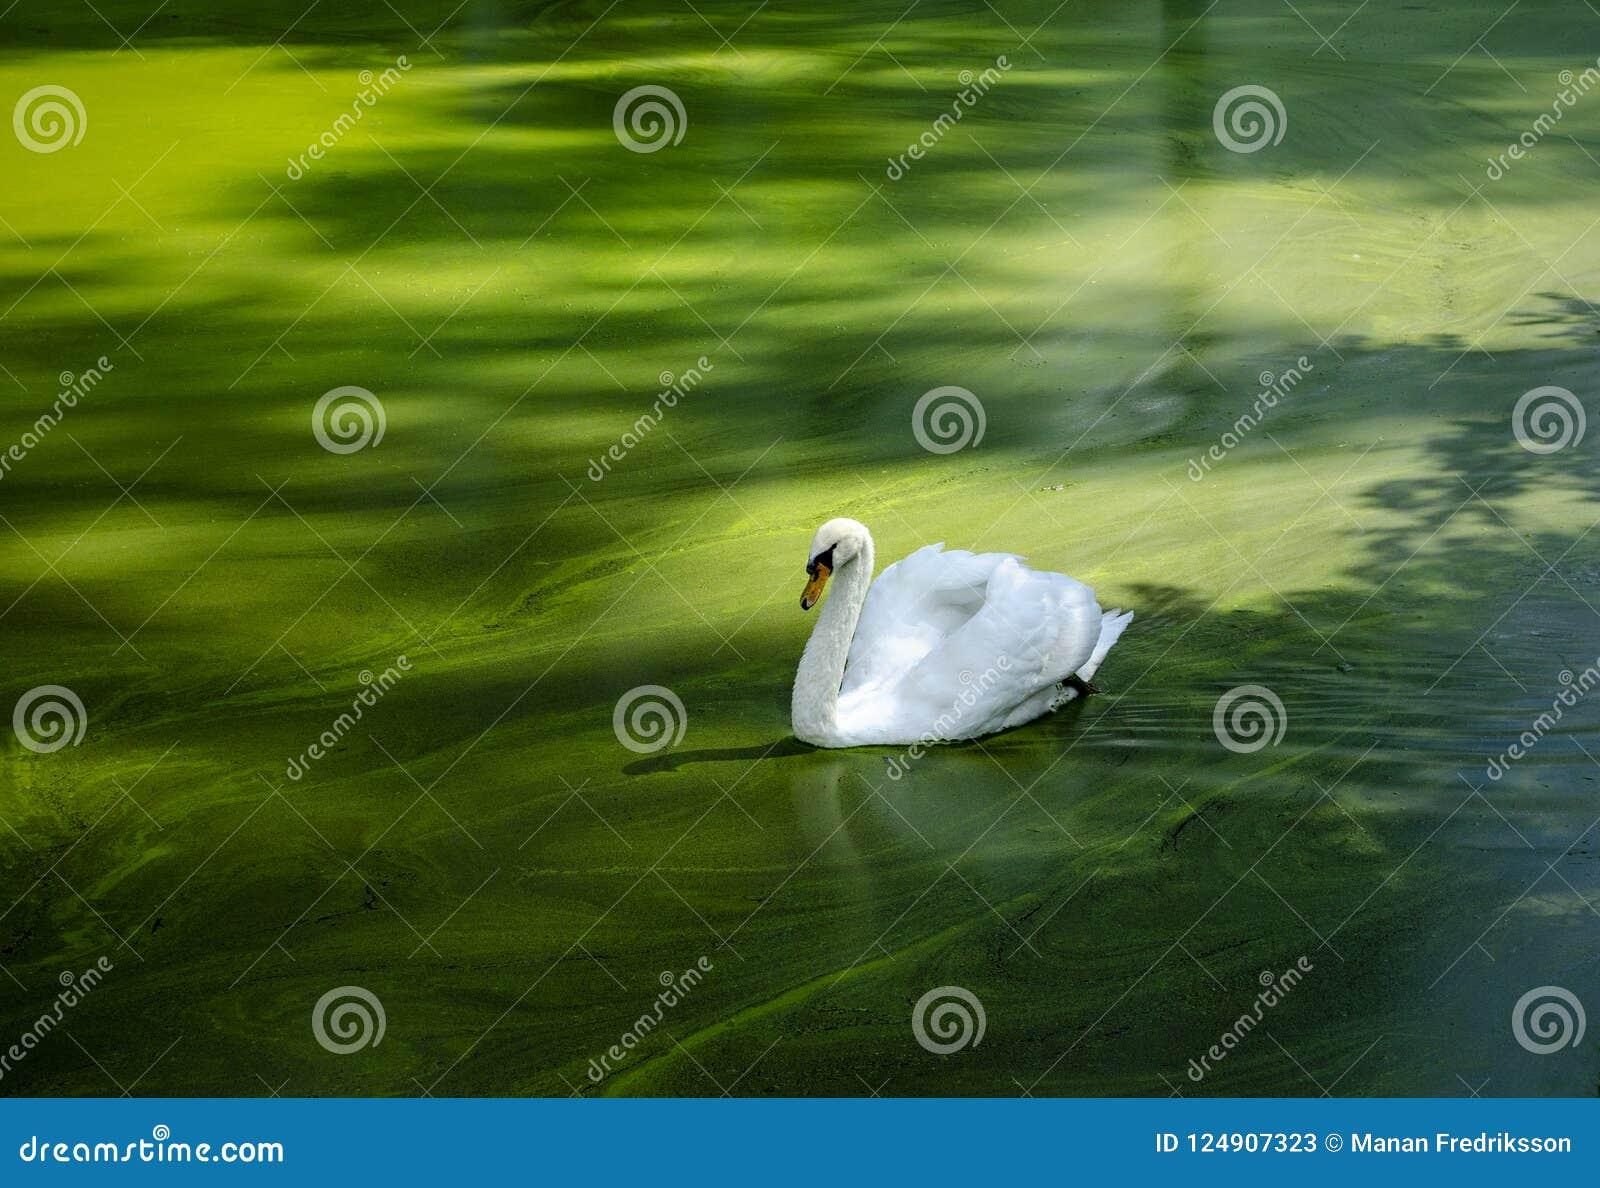 Höckerschwan auf grünem Wasser